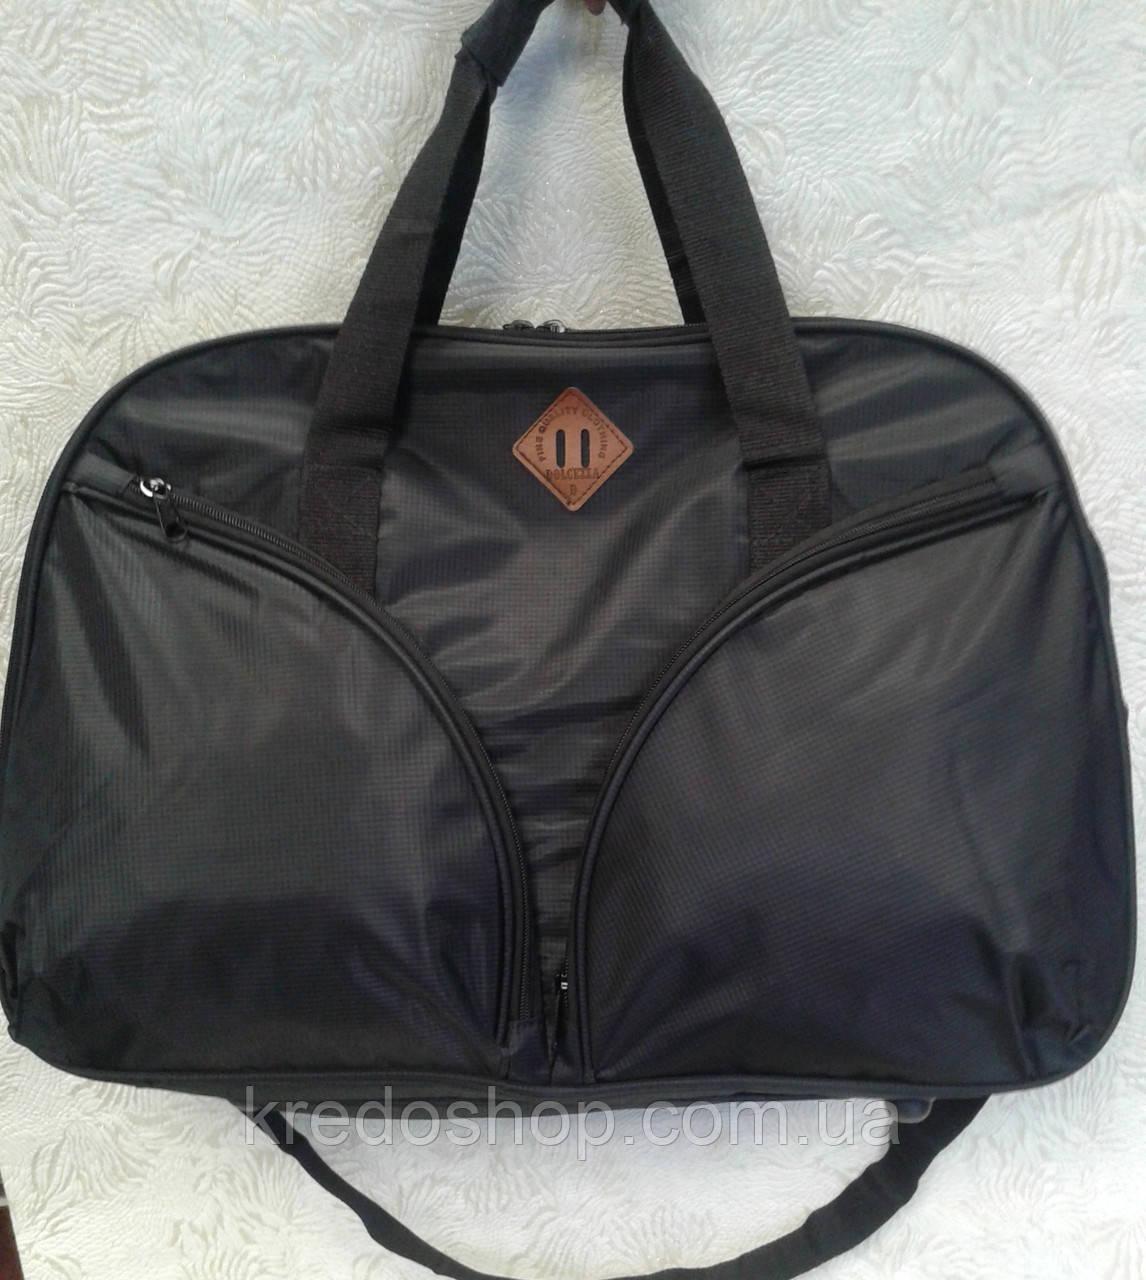 96f0ad0e Сумка спортивная черная вместительная,легкая удобная.(Турция) - Интернет-магазин  сумок